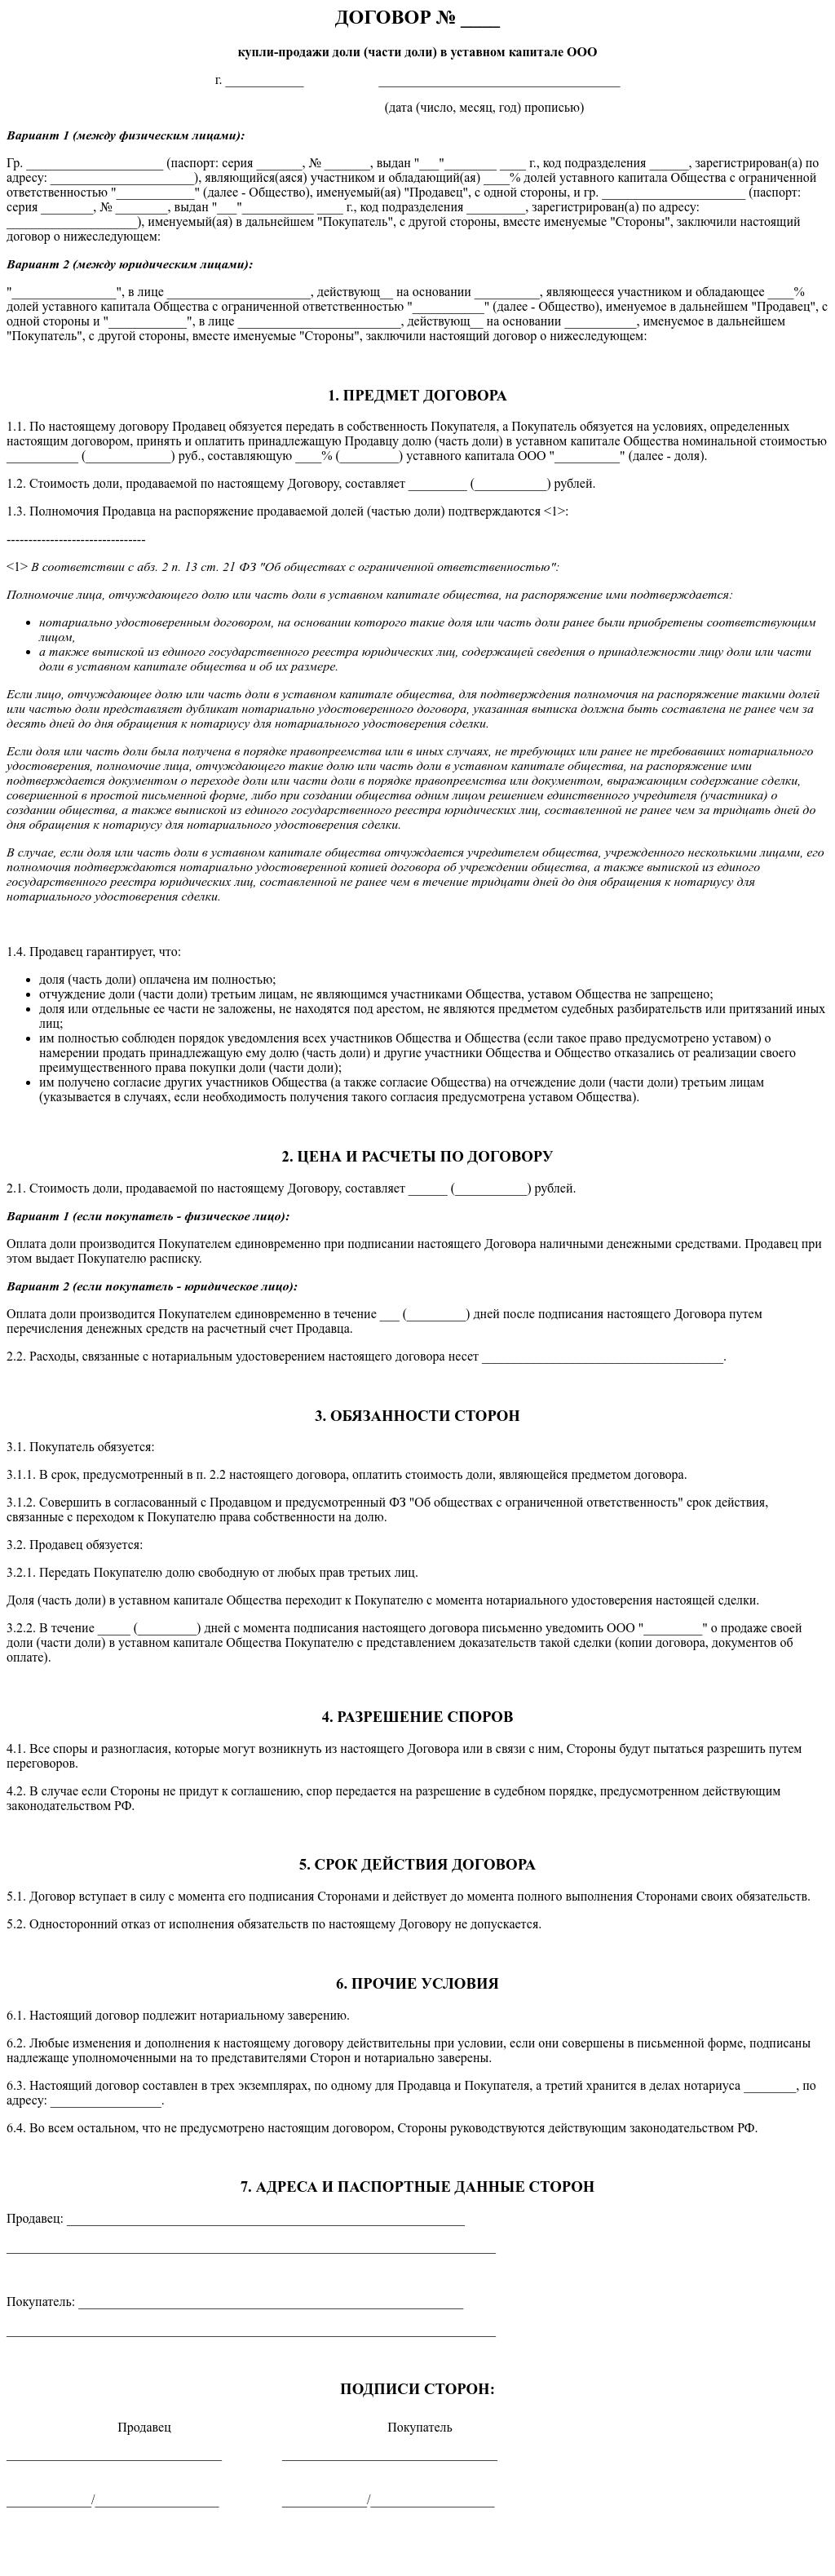 Образец Договор купли-продажи доли (части доли) в уставном капитале ООО